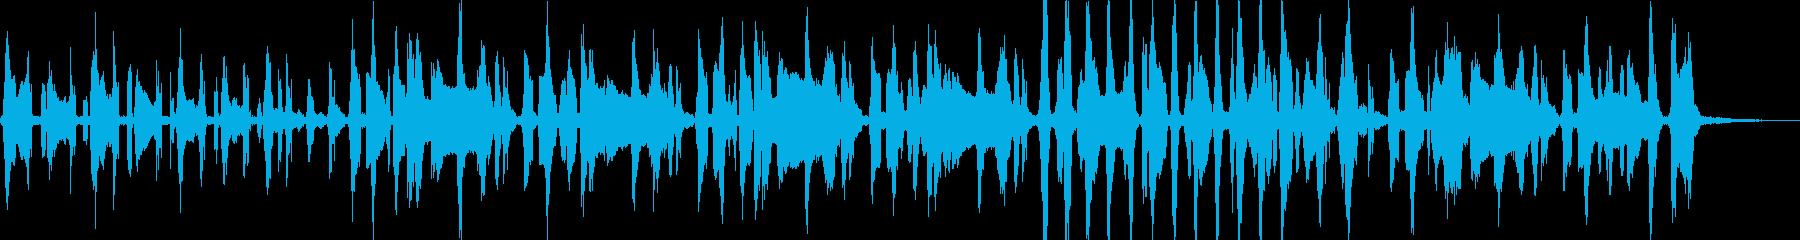 レタスをテーマにした楽曲の再生済みの波形